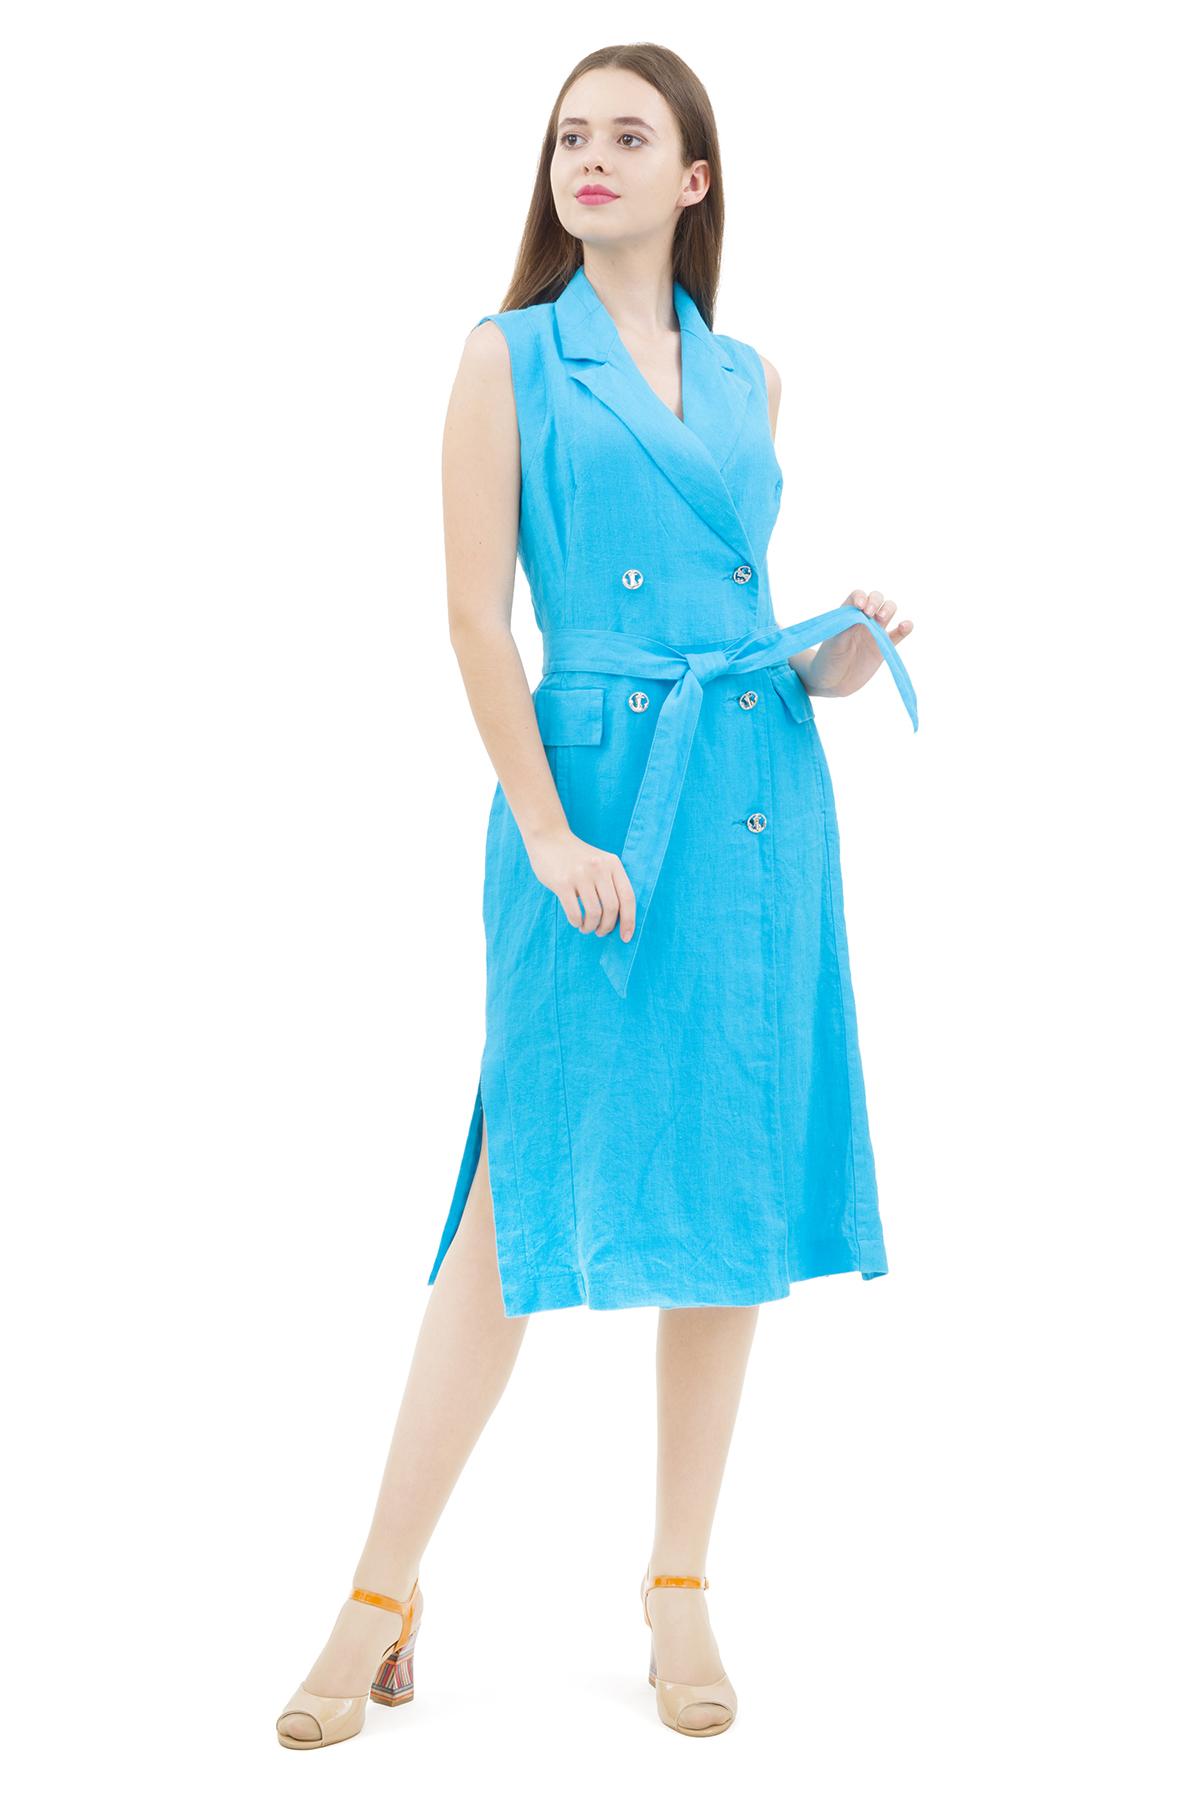 ПлатьеПлатья,  сарафаны<br>Стильное платье выполнено из натуральной ткани - льна. Данная модель удачно подчеркнет красоту Вашей фигуры, а яркая расцветка  не оставит Вас незамеченной.<br><br>Цвет: голубой<br>Состав: 100% лен<br>Размер: 42,44,46,48,50,52,54<br>Страна дизайна: Россия<br>Страна производства: Россия